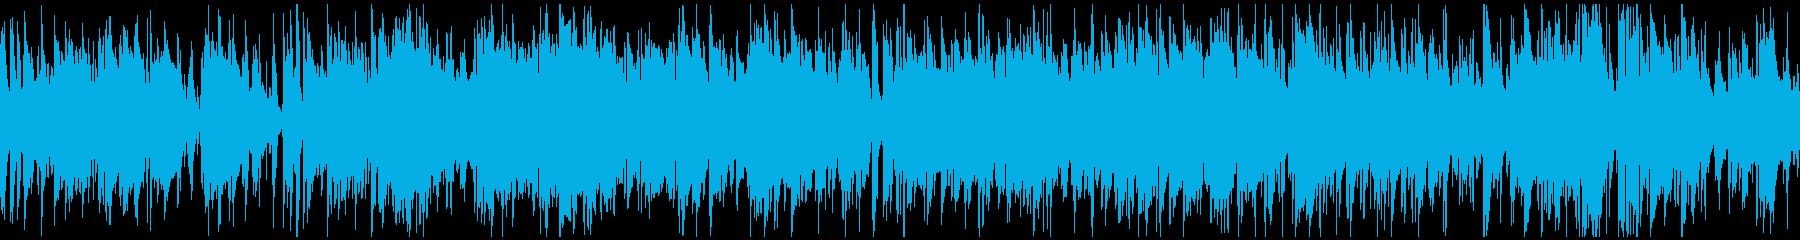 散歩、日常シーン系のボサノバ ※ループ版の再生済みの波形